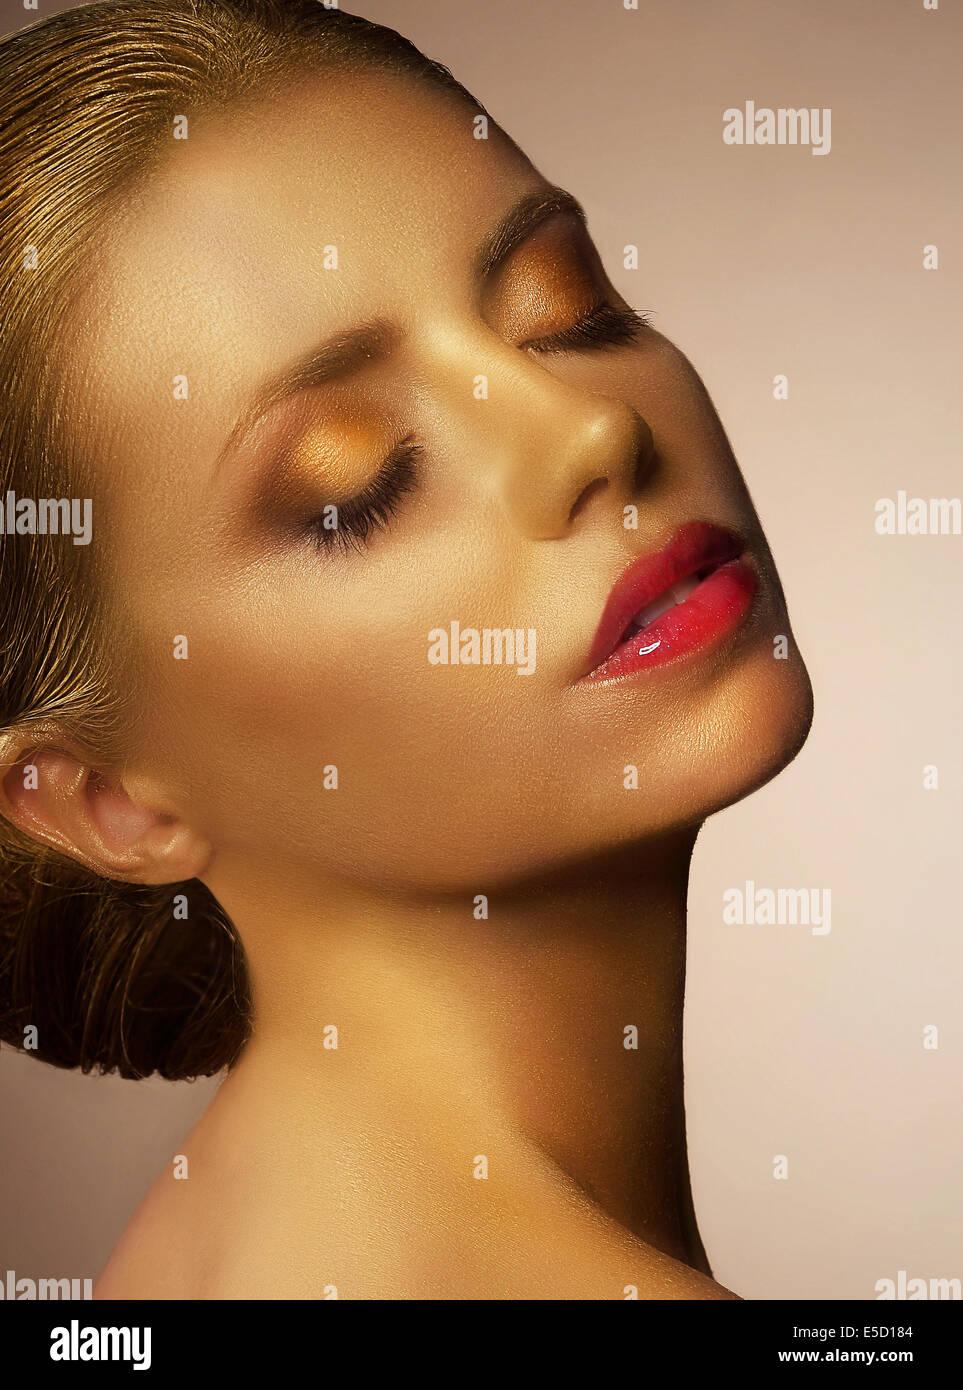 Bodypainting. Dorare volto di donna. Fancy Golden compongono Immagini Stock